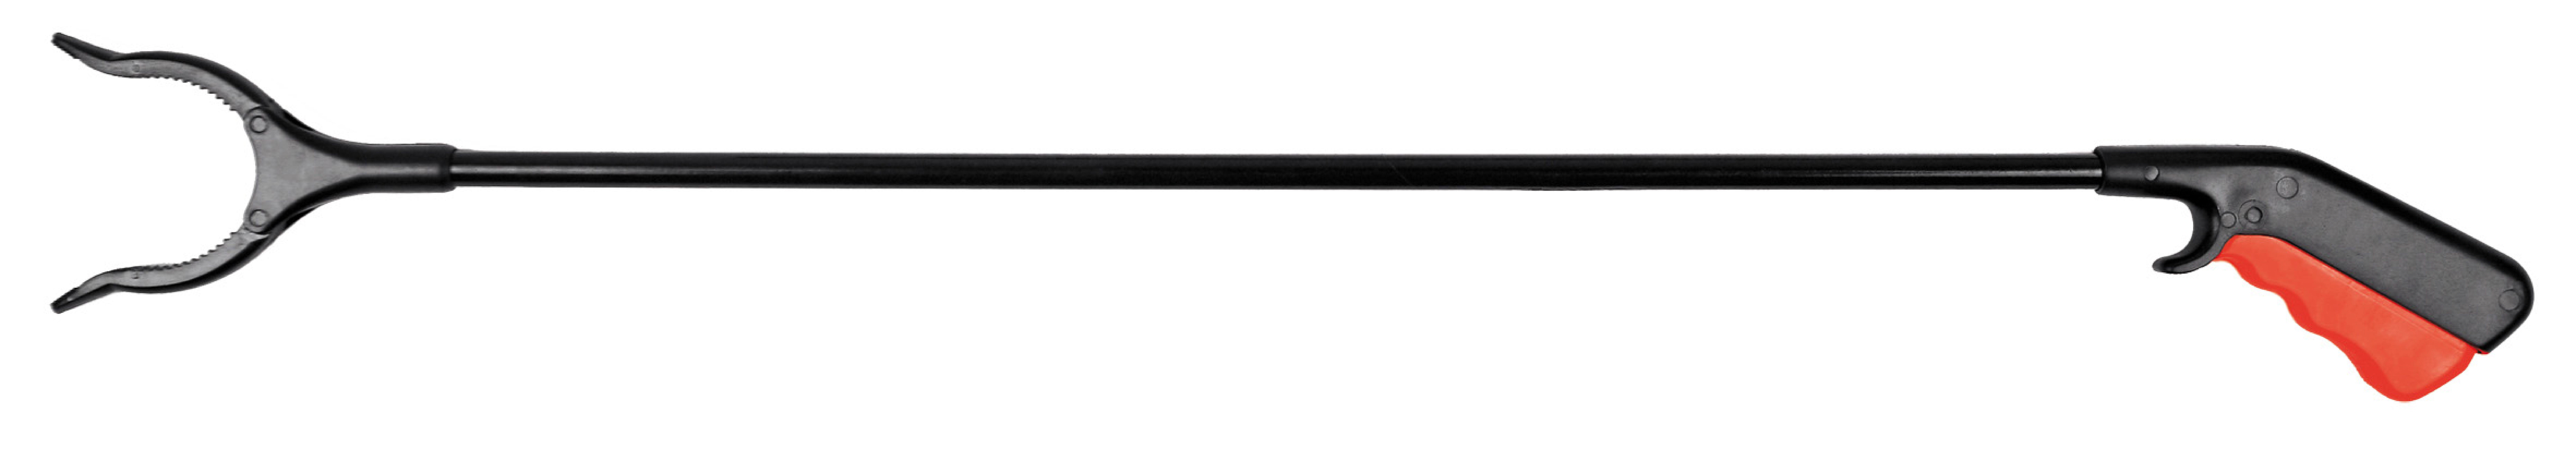 Prodloužená ruka 84 cm - podávací kleště Vitility, VIT-70510240